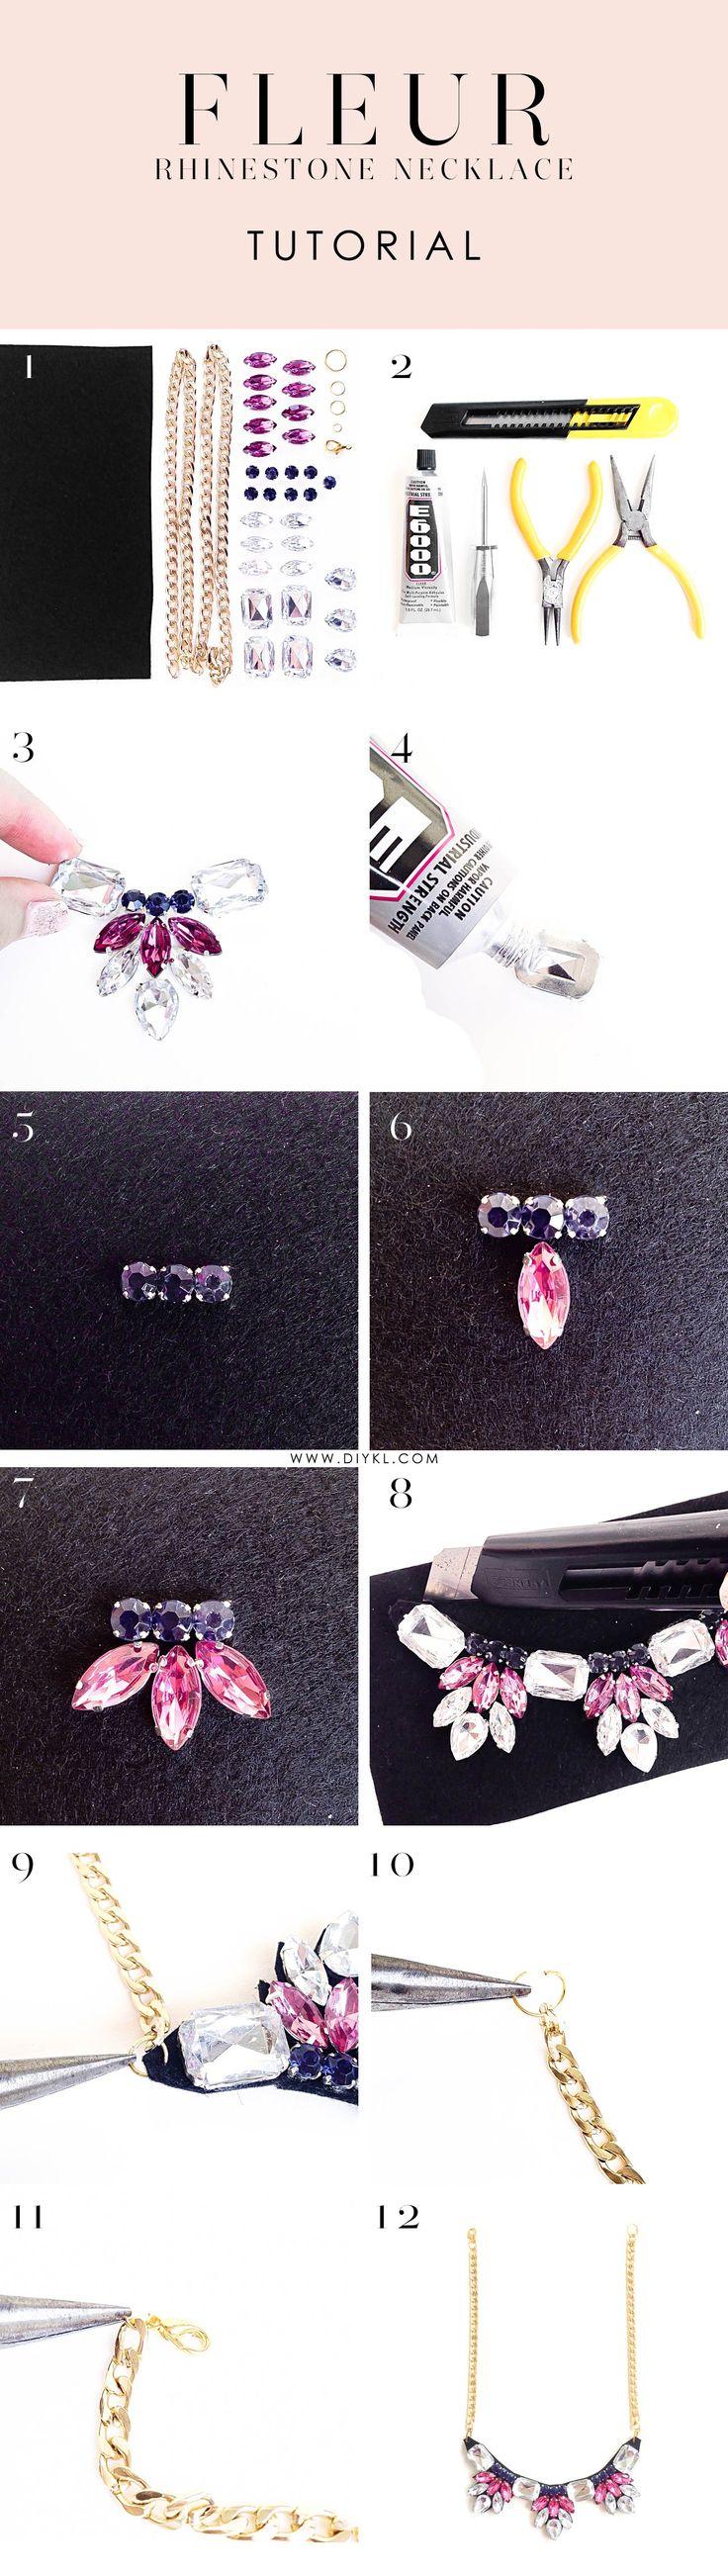 DIYKL FLEUR rhinestone necklace. Shop corresponding DIY kits from DIYKL (www.diykl.com)! Enjoy worldwide shipping.